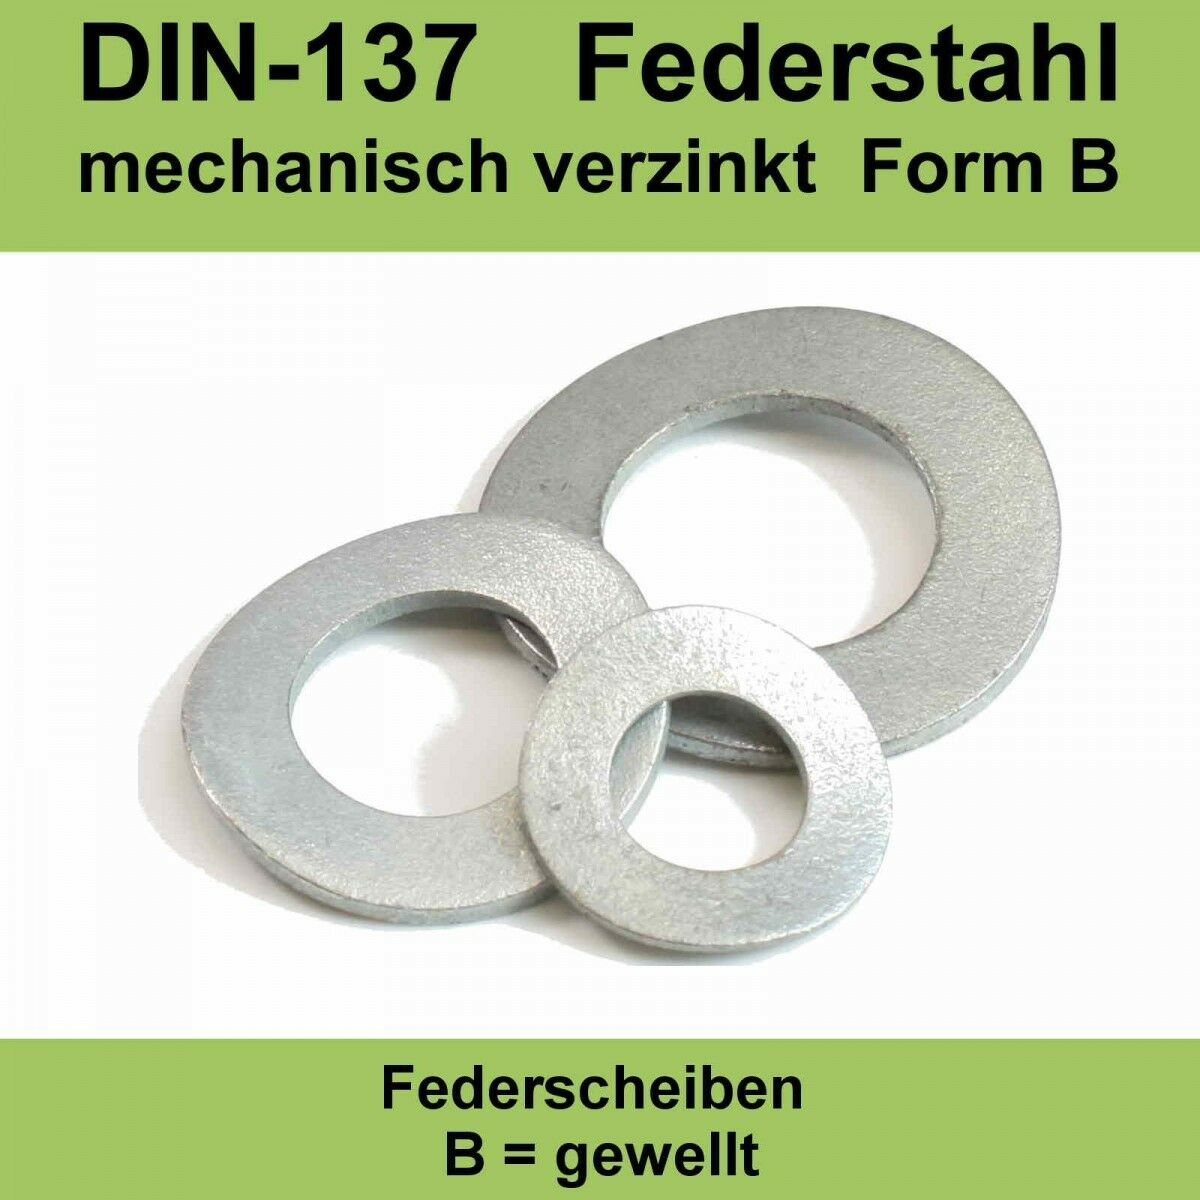 Federscheiben M16 Form B gewellt DIN 137 Edelstahl A2 Unterlegscheiben Beilagscheiben Wellscheiben 50 St/ück